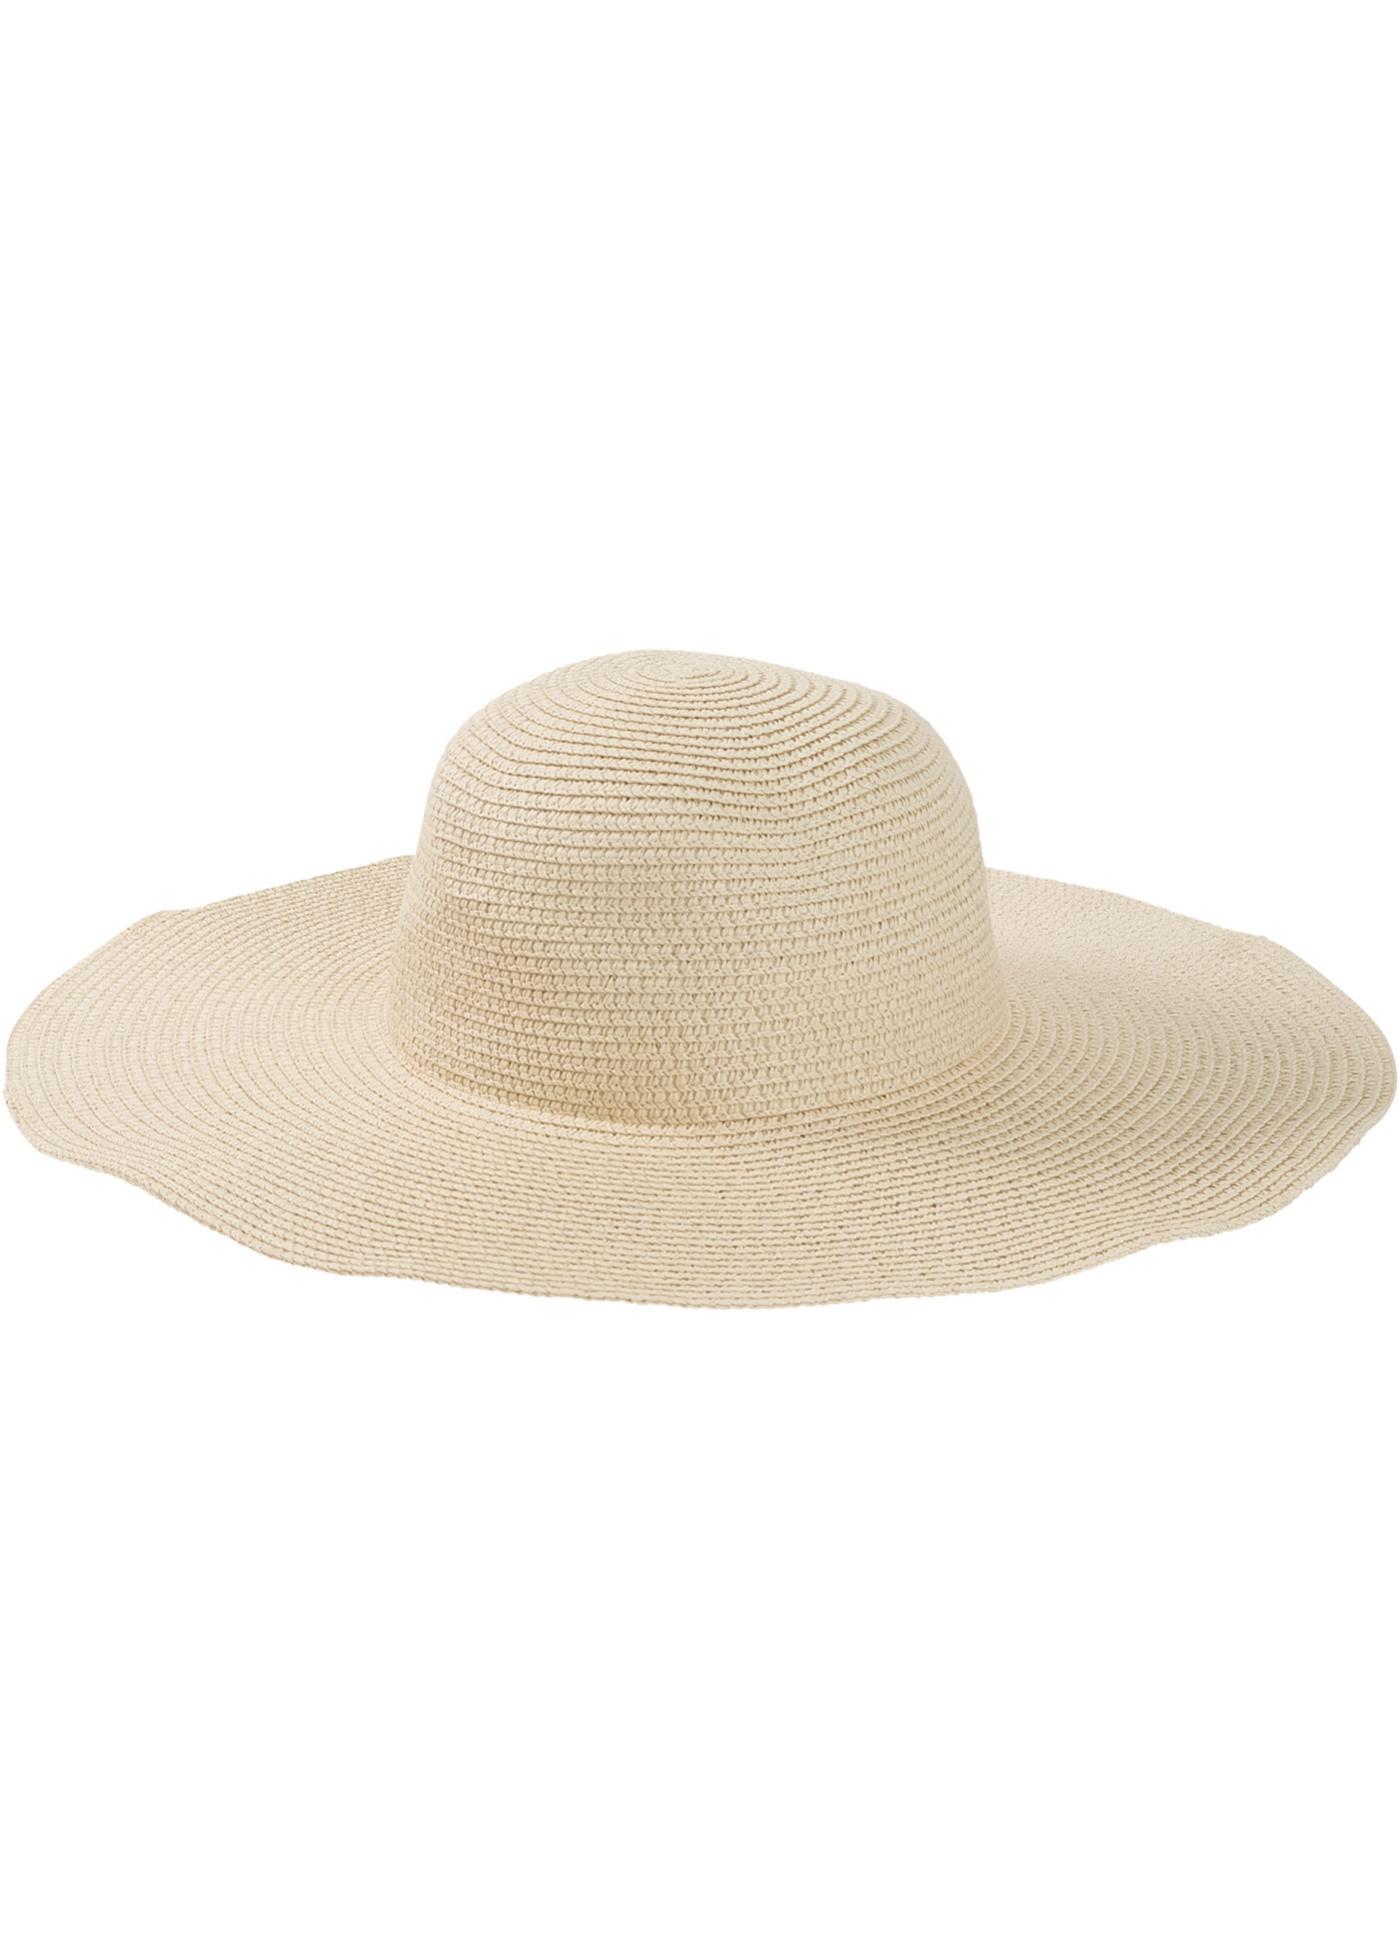 Letní klobouk - Béžová f3c0a30ce4